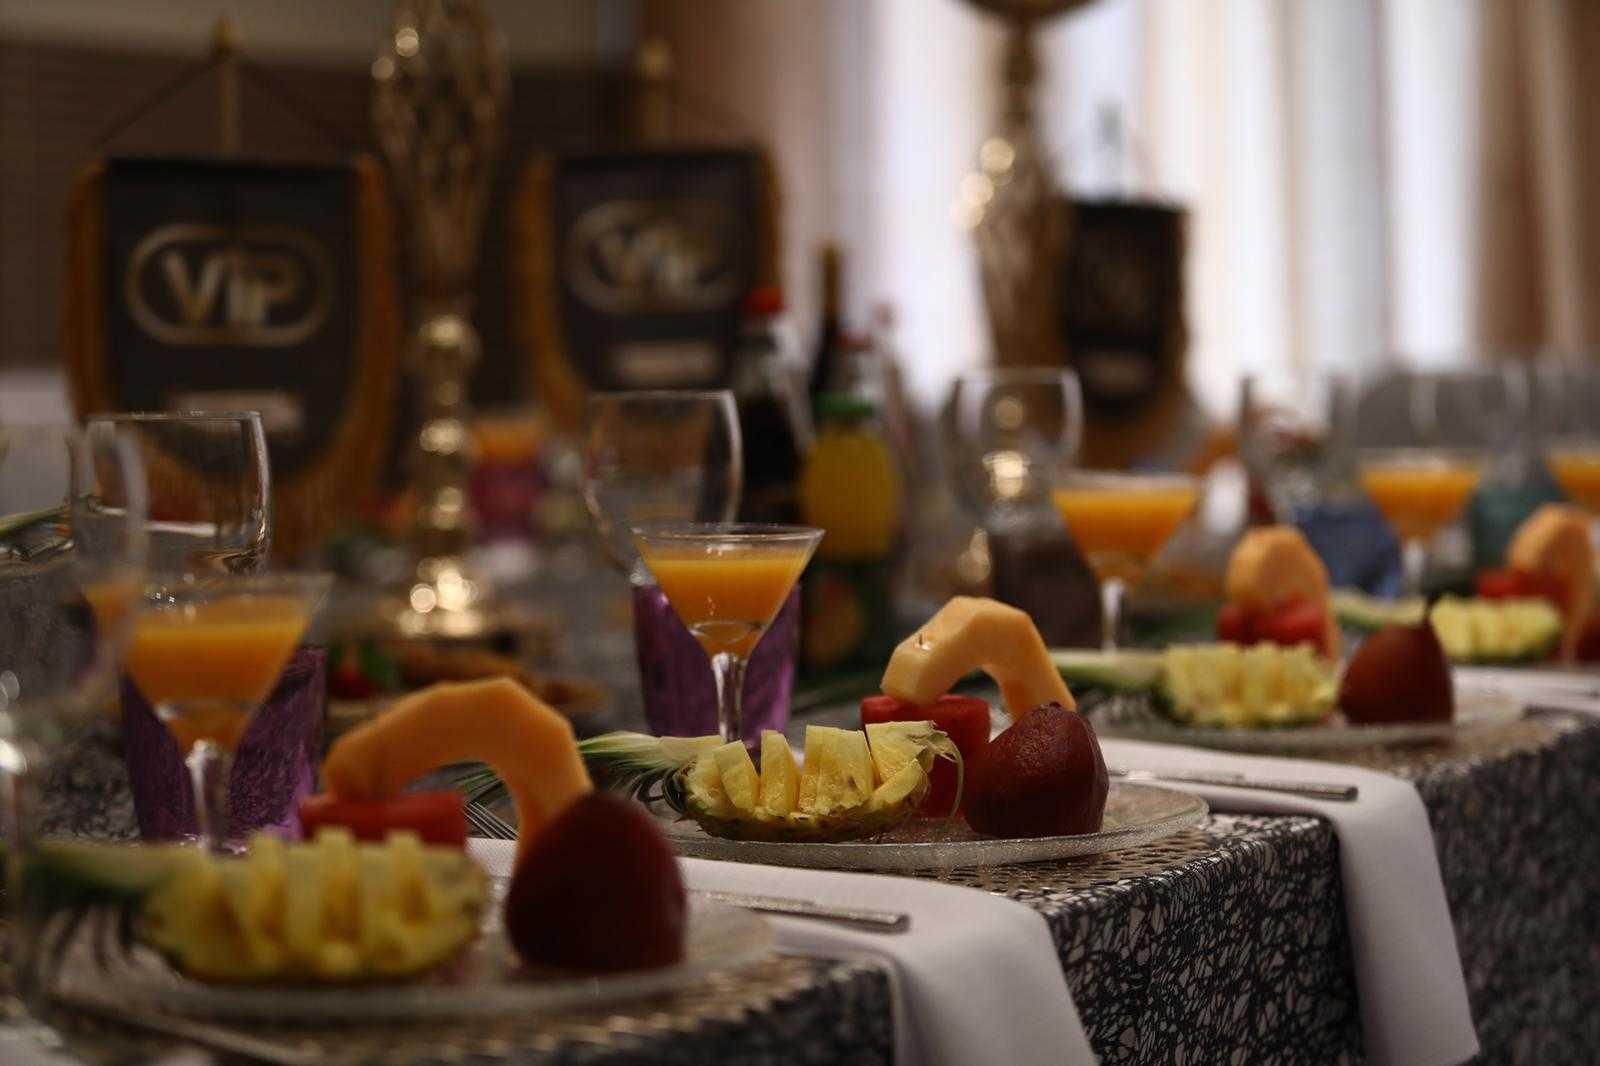 סיקור מצולם: עיתונאים חרדים באירוע השקה לחדר VIP במסעדה היהודית 1